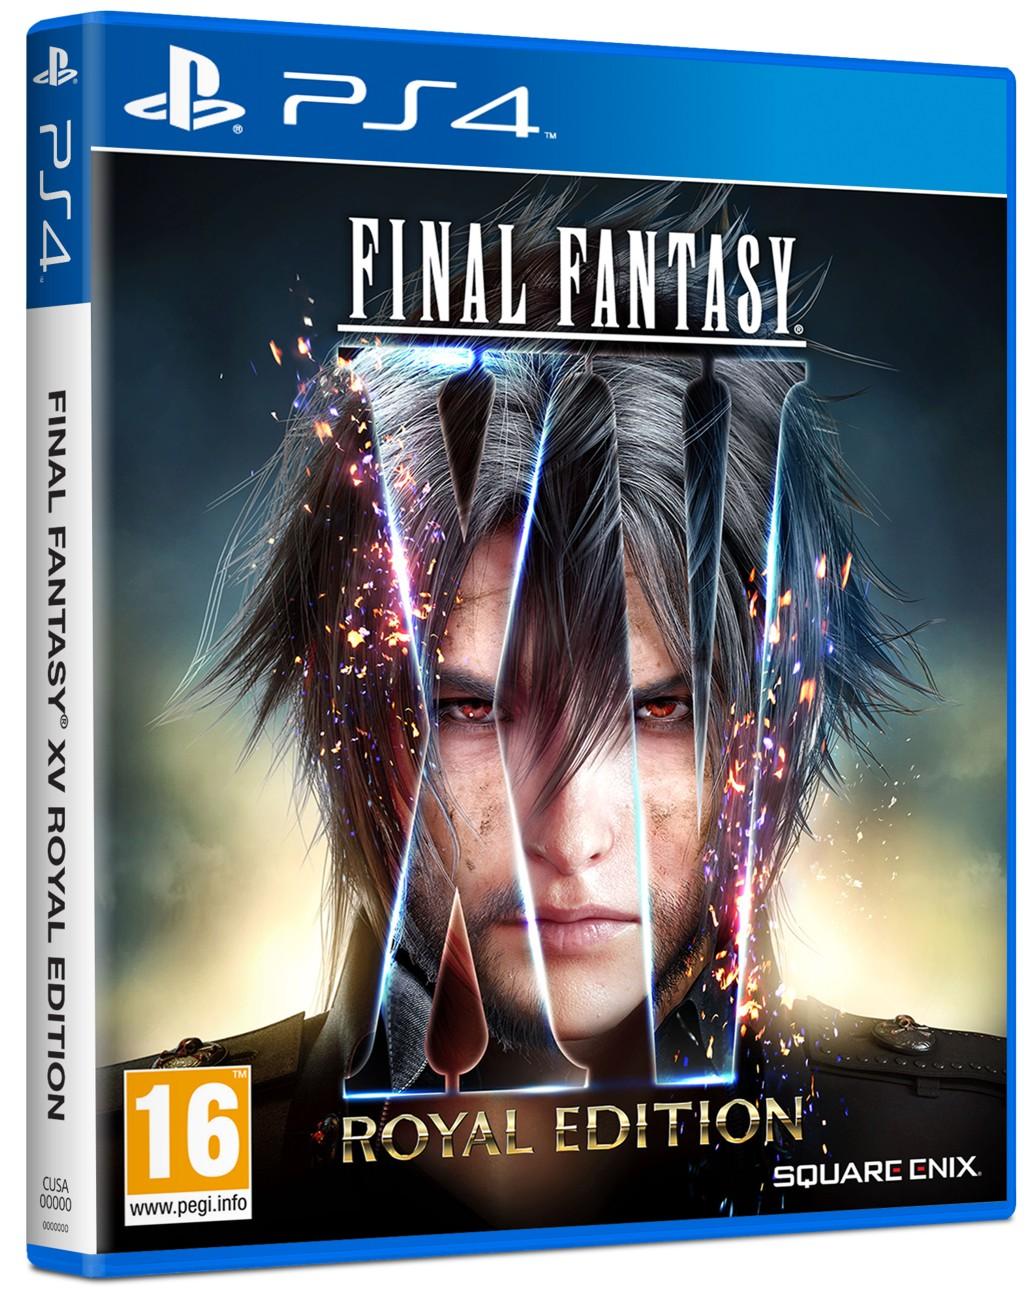 Final Fantasy XV: Royal Edition - PS4